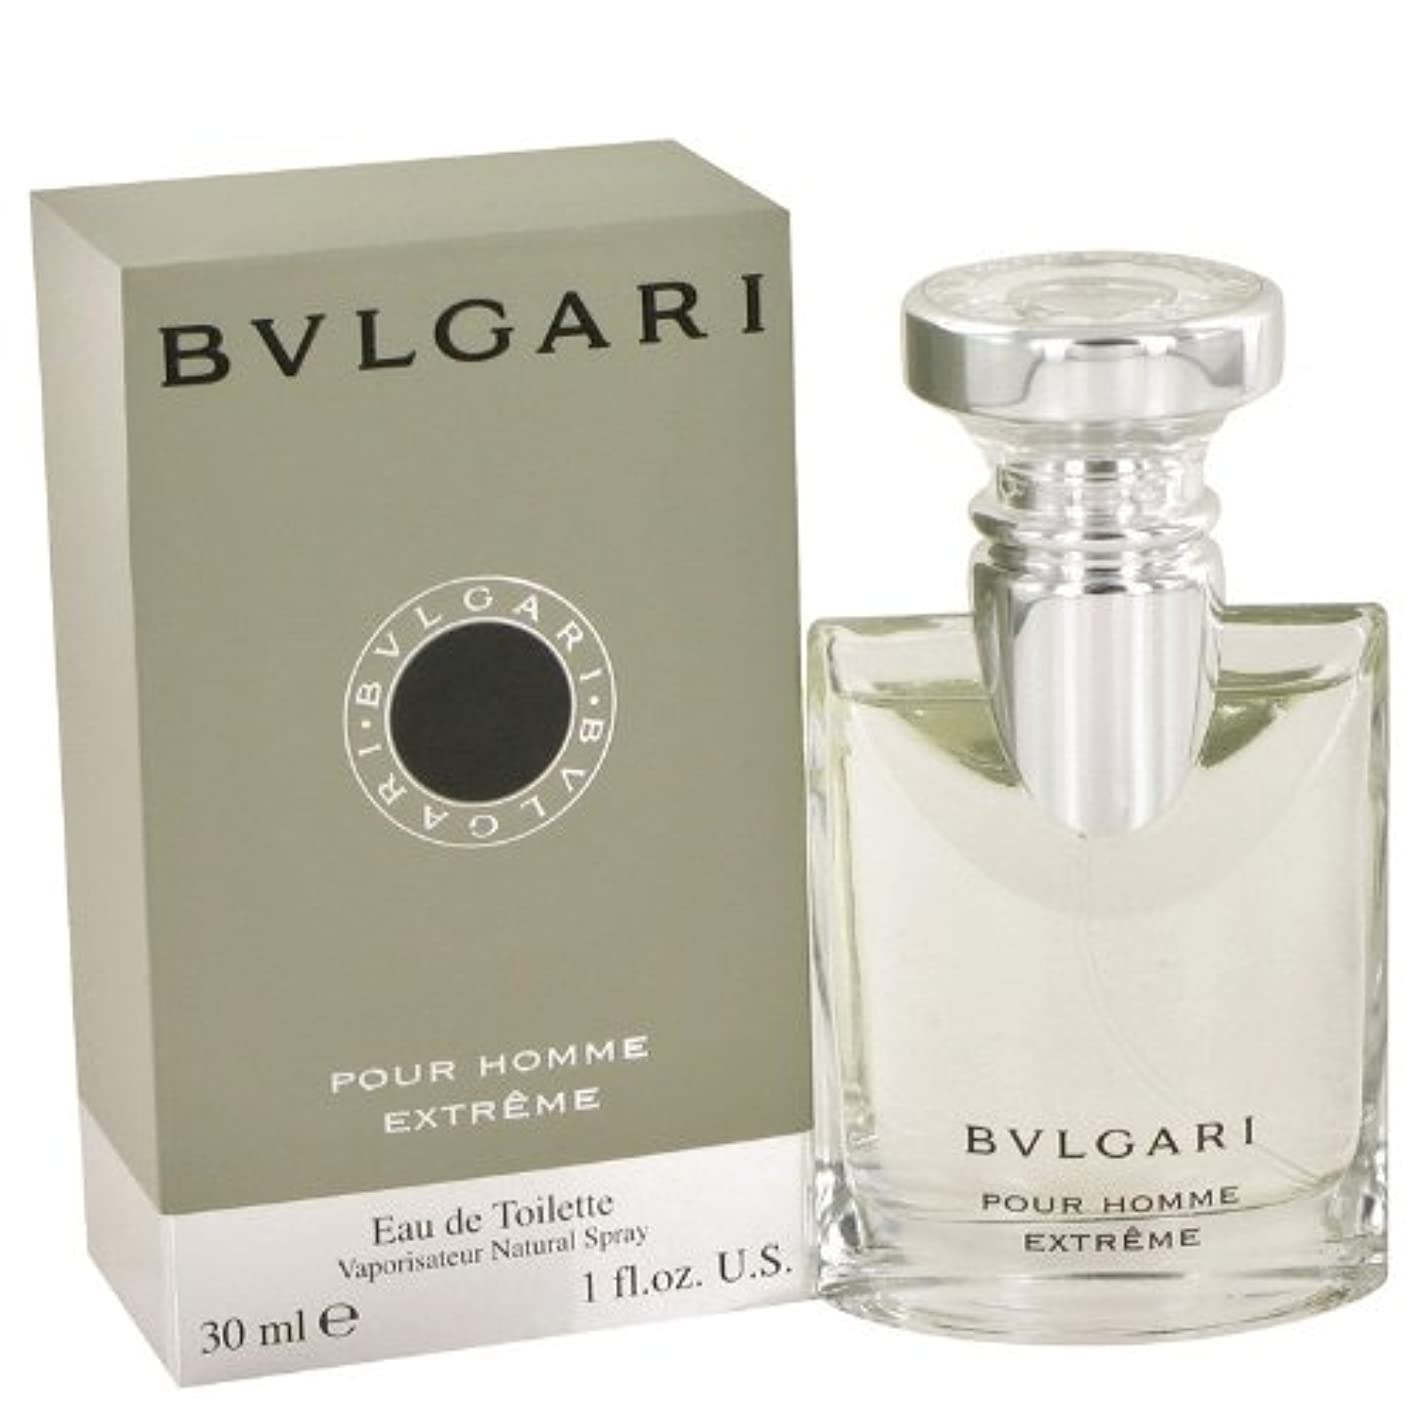 形容詞おとうさん契約したブルガリ プールオム エクストレーム オードトワレ EDT 30mL 香水